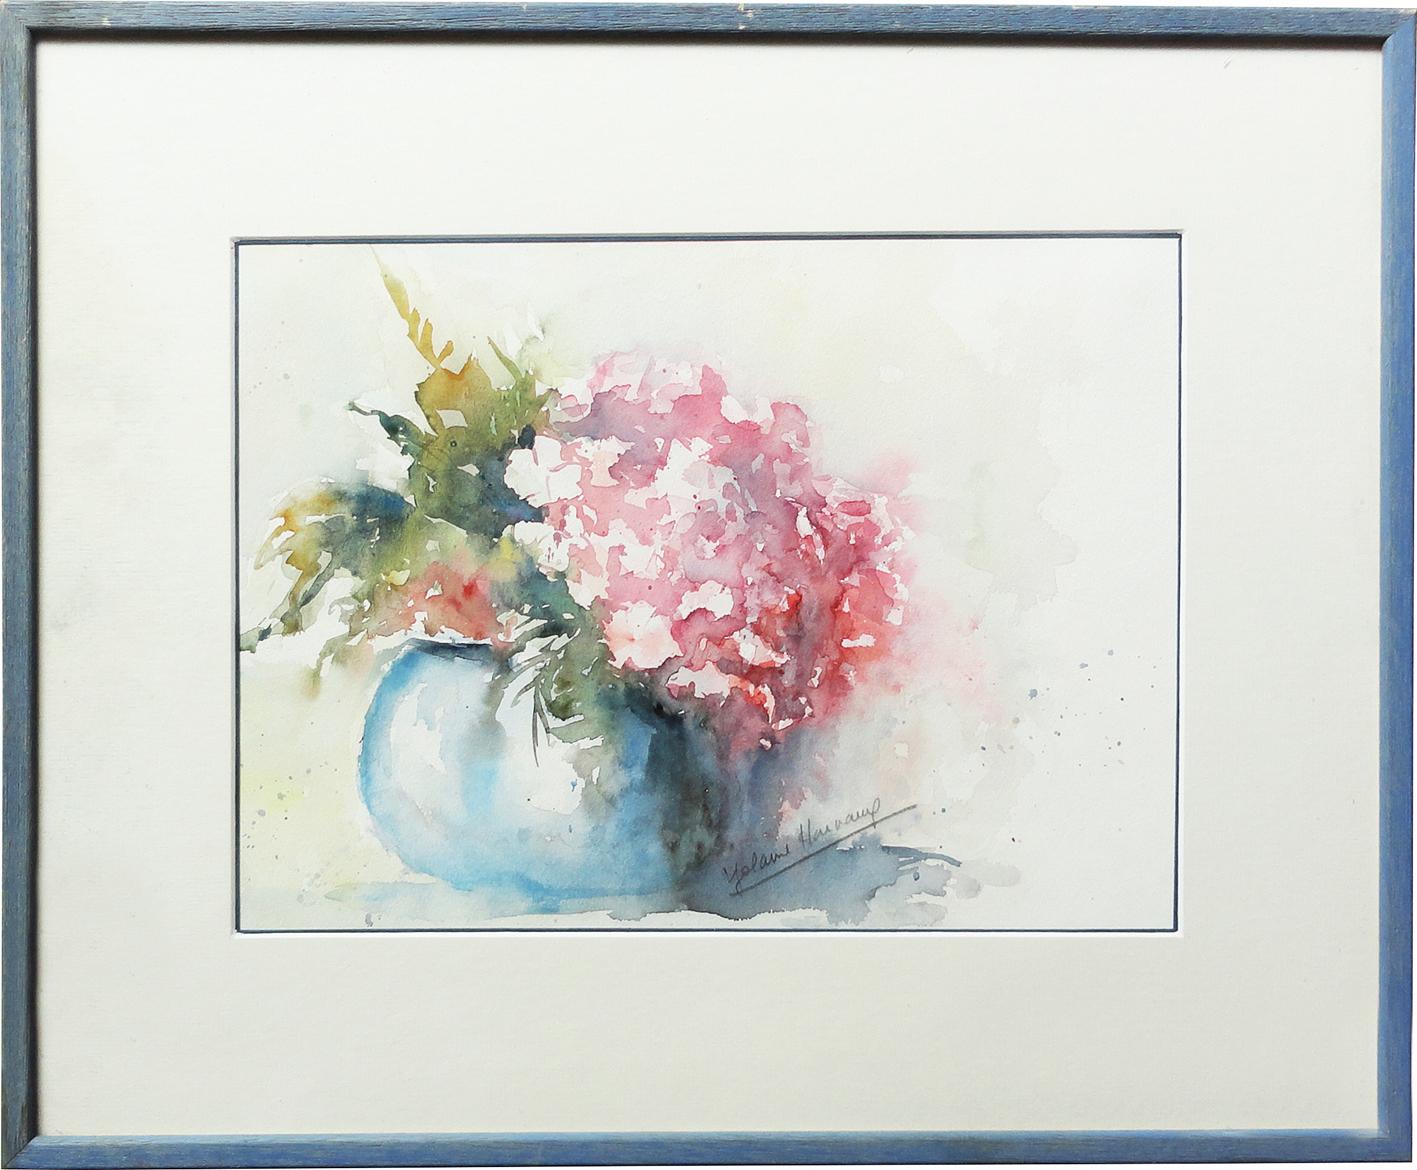 aquarelles_yolaine_hainaux_paint (63)